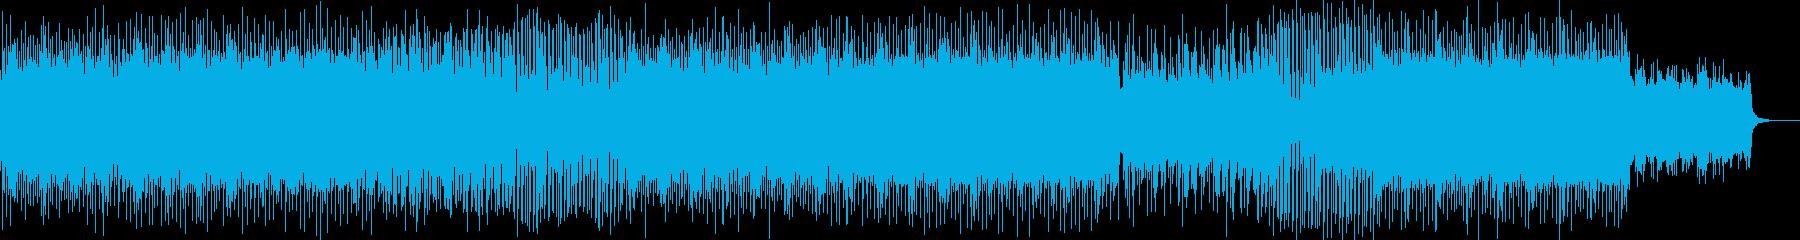 ゲームのラストステージ風のロック曲の再生済みの波形